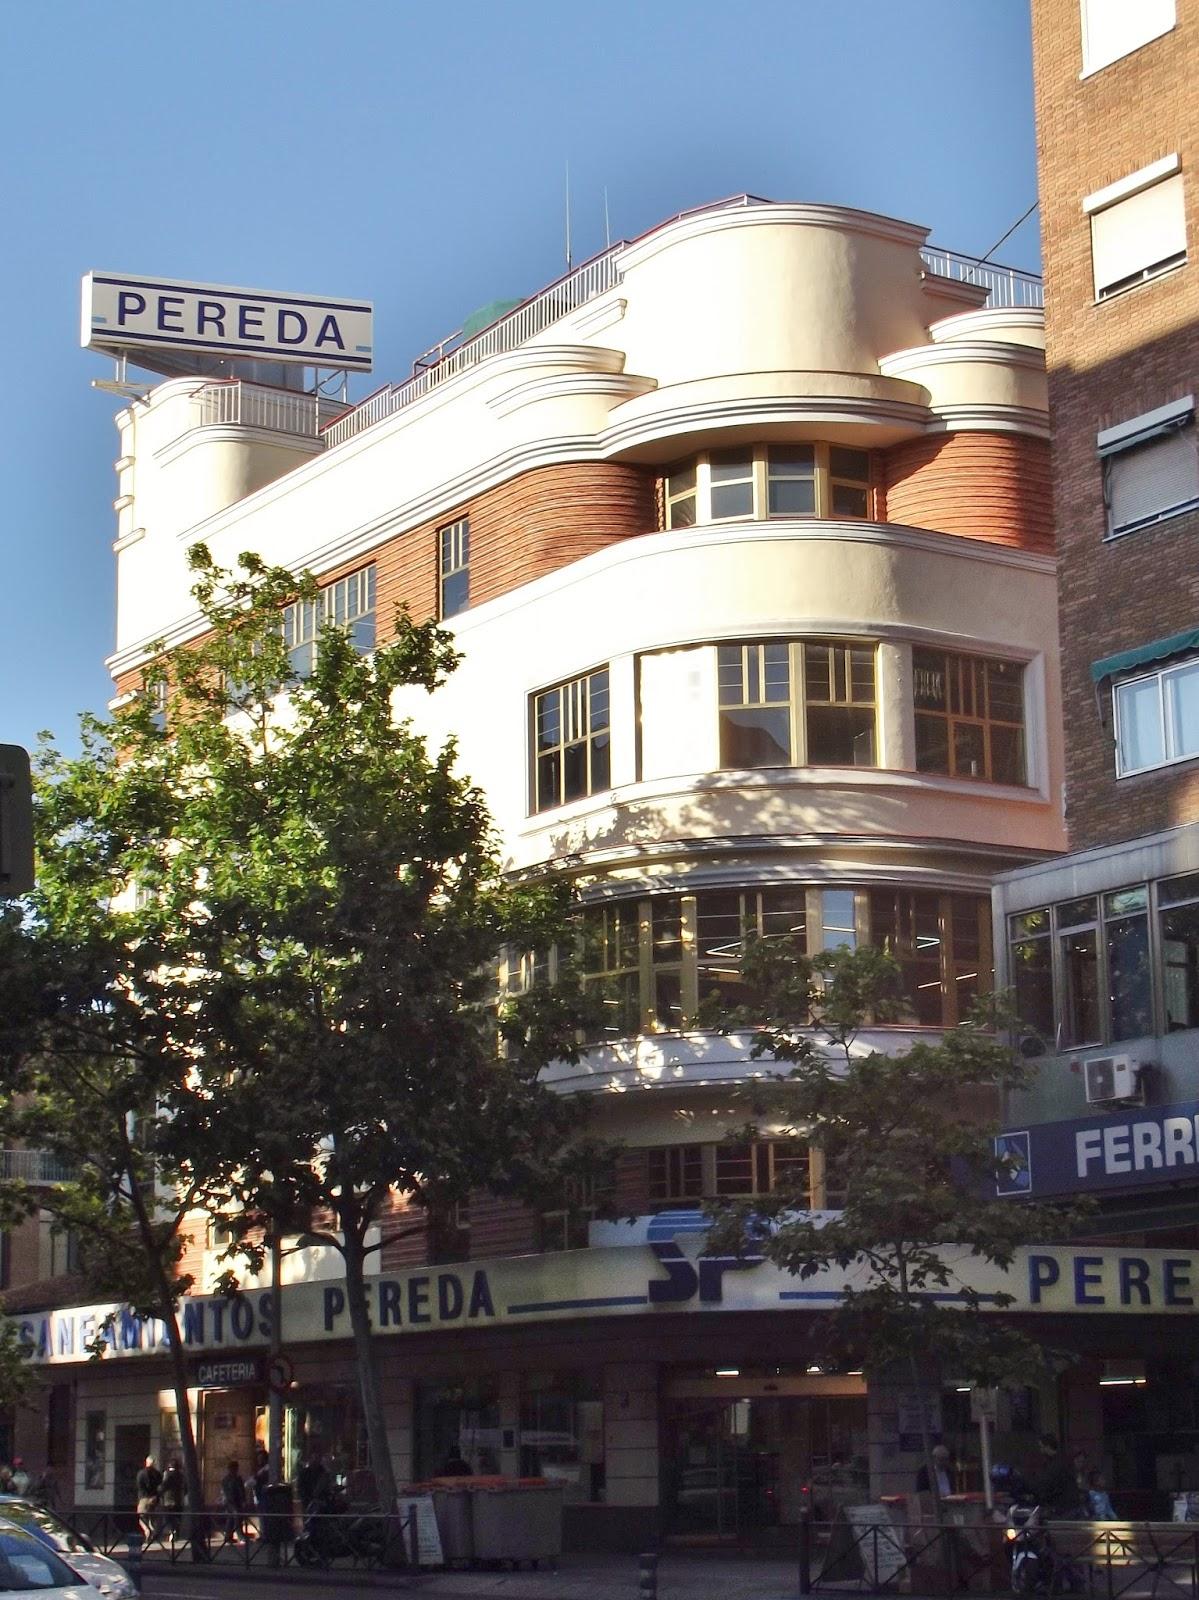 Eugenio pereda s a for Muebles bravo murillo